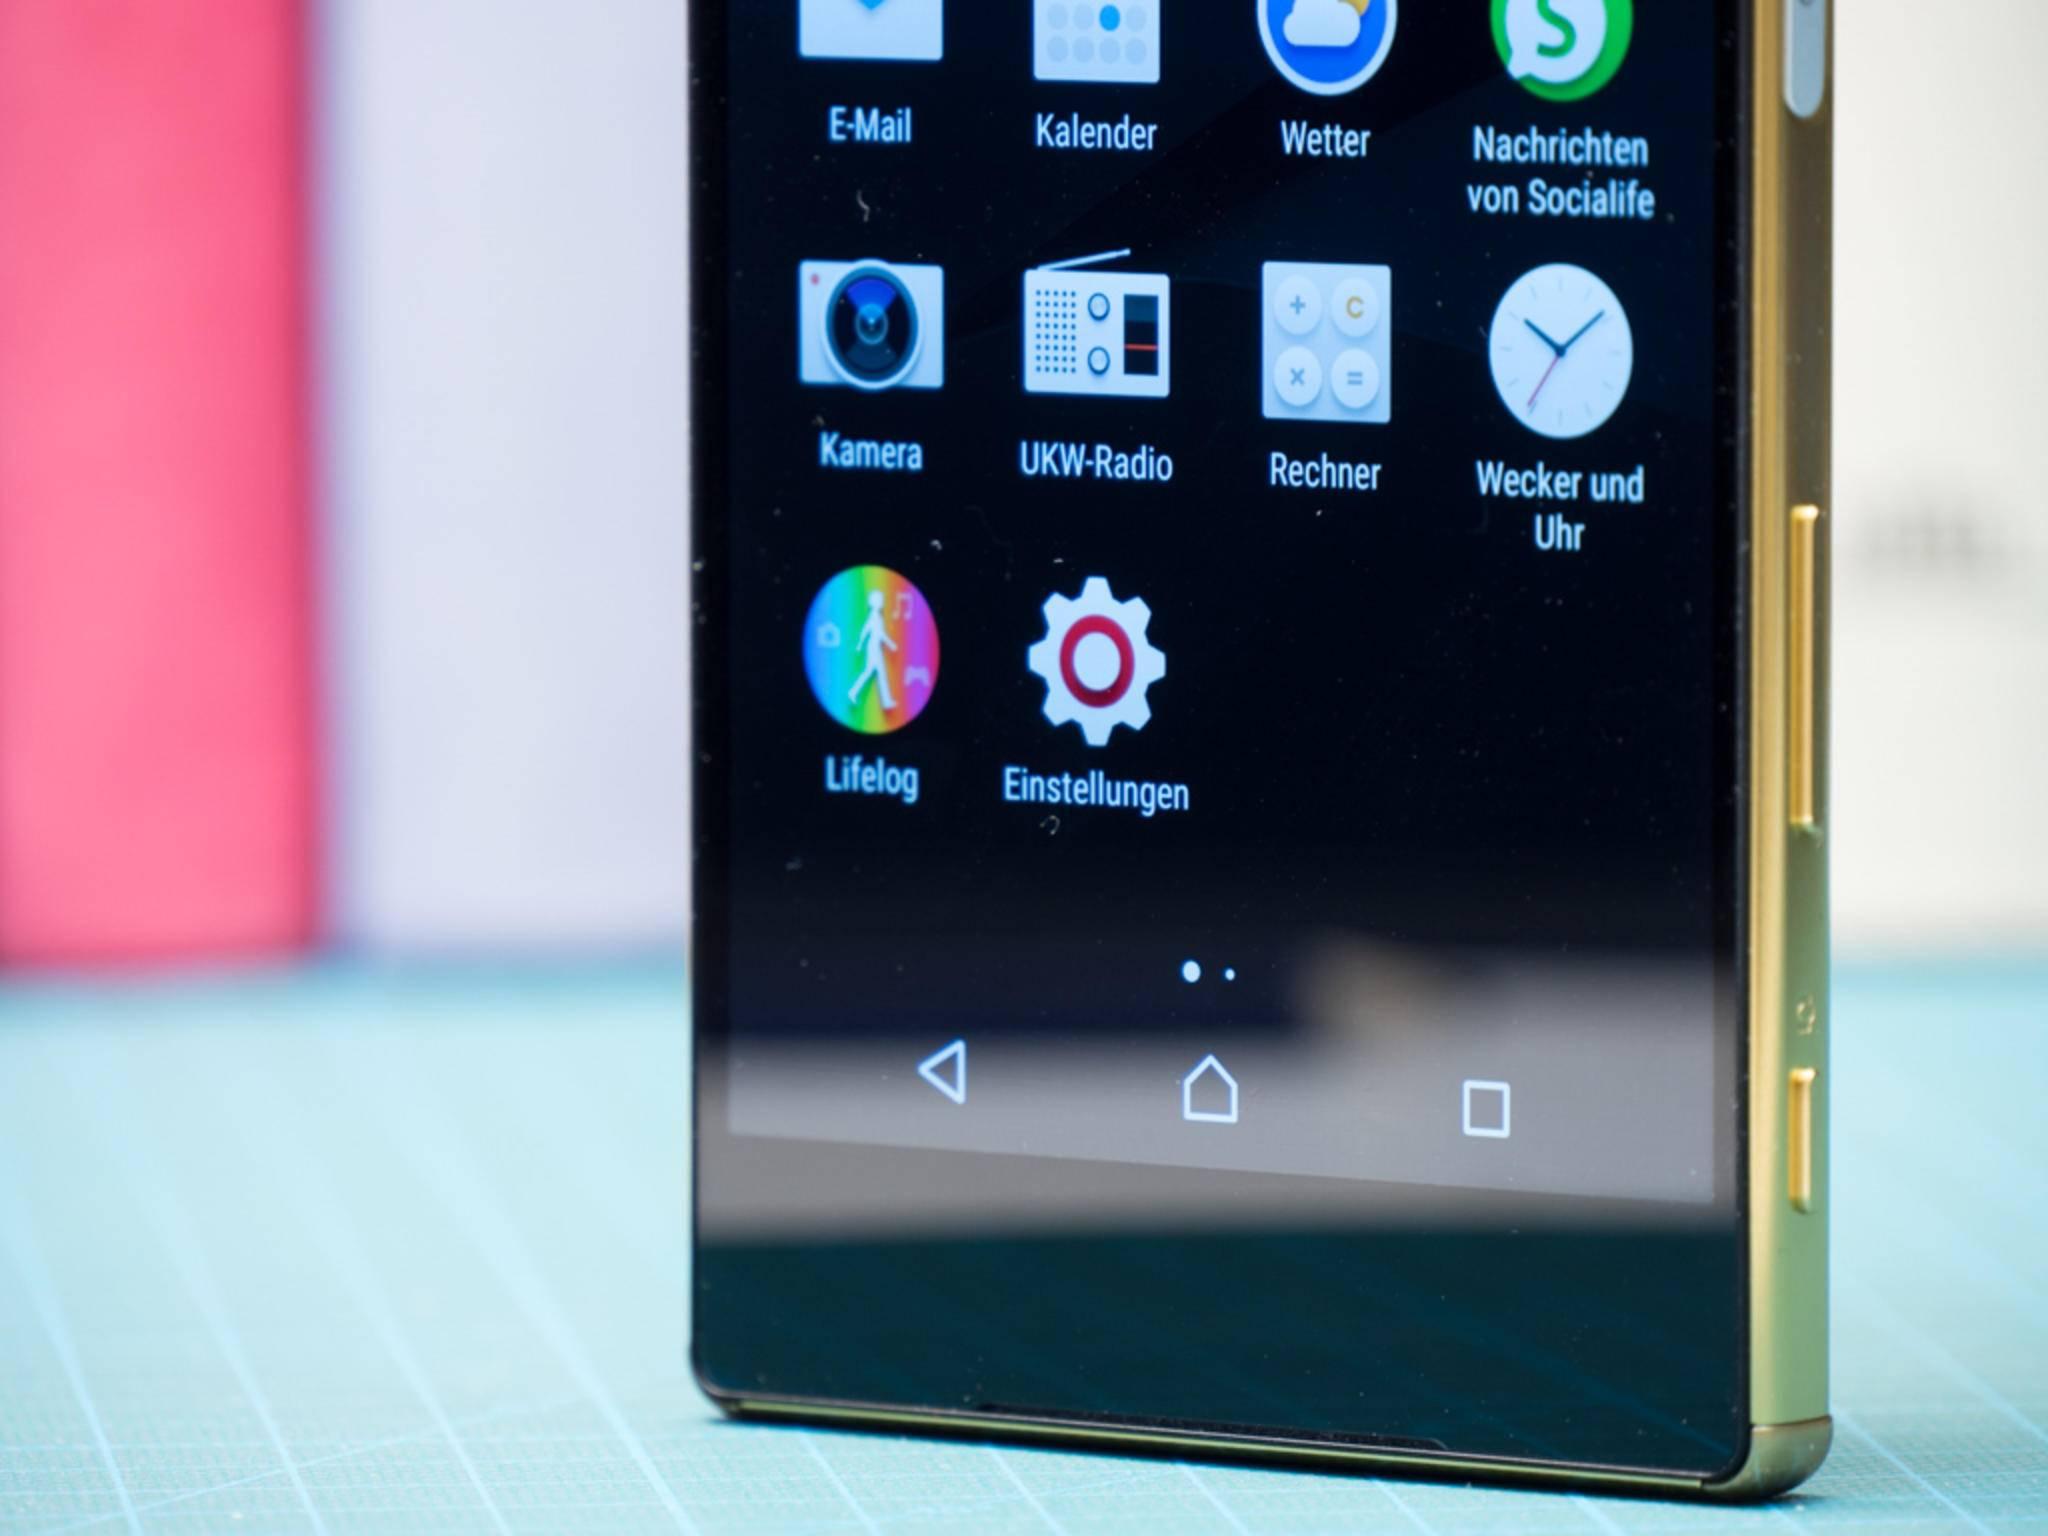 Als erstes Smartphone besitzt das Xperia Z5 Premium ein 4K-Display.